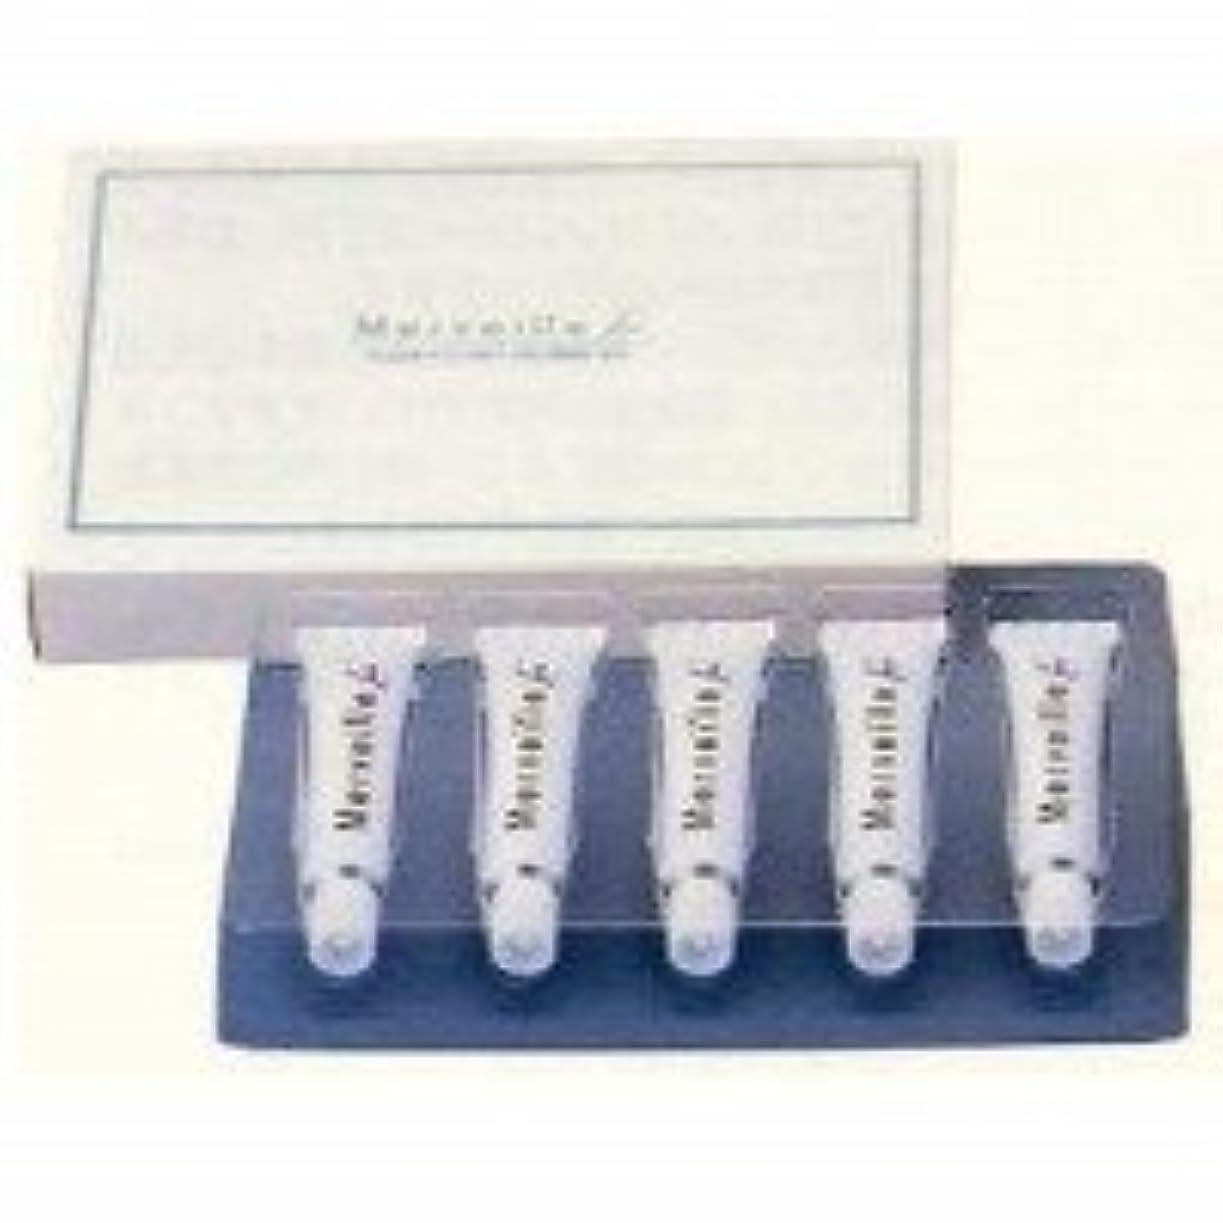 予防接種黄ばむ組立メルヴェーユ Hクリーム 5g×5本入り